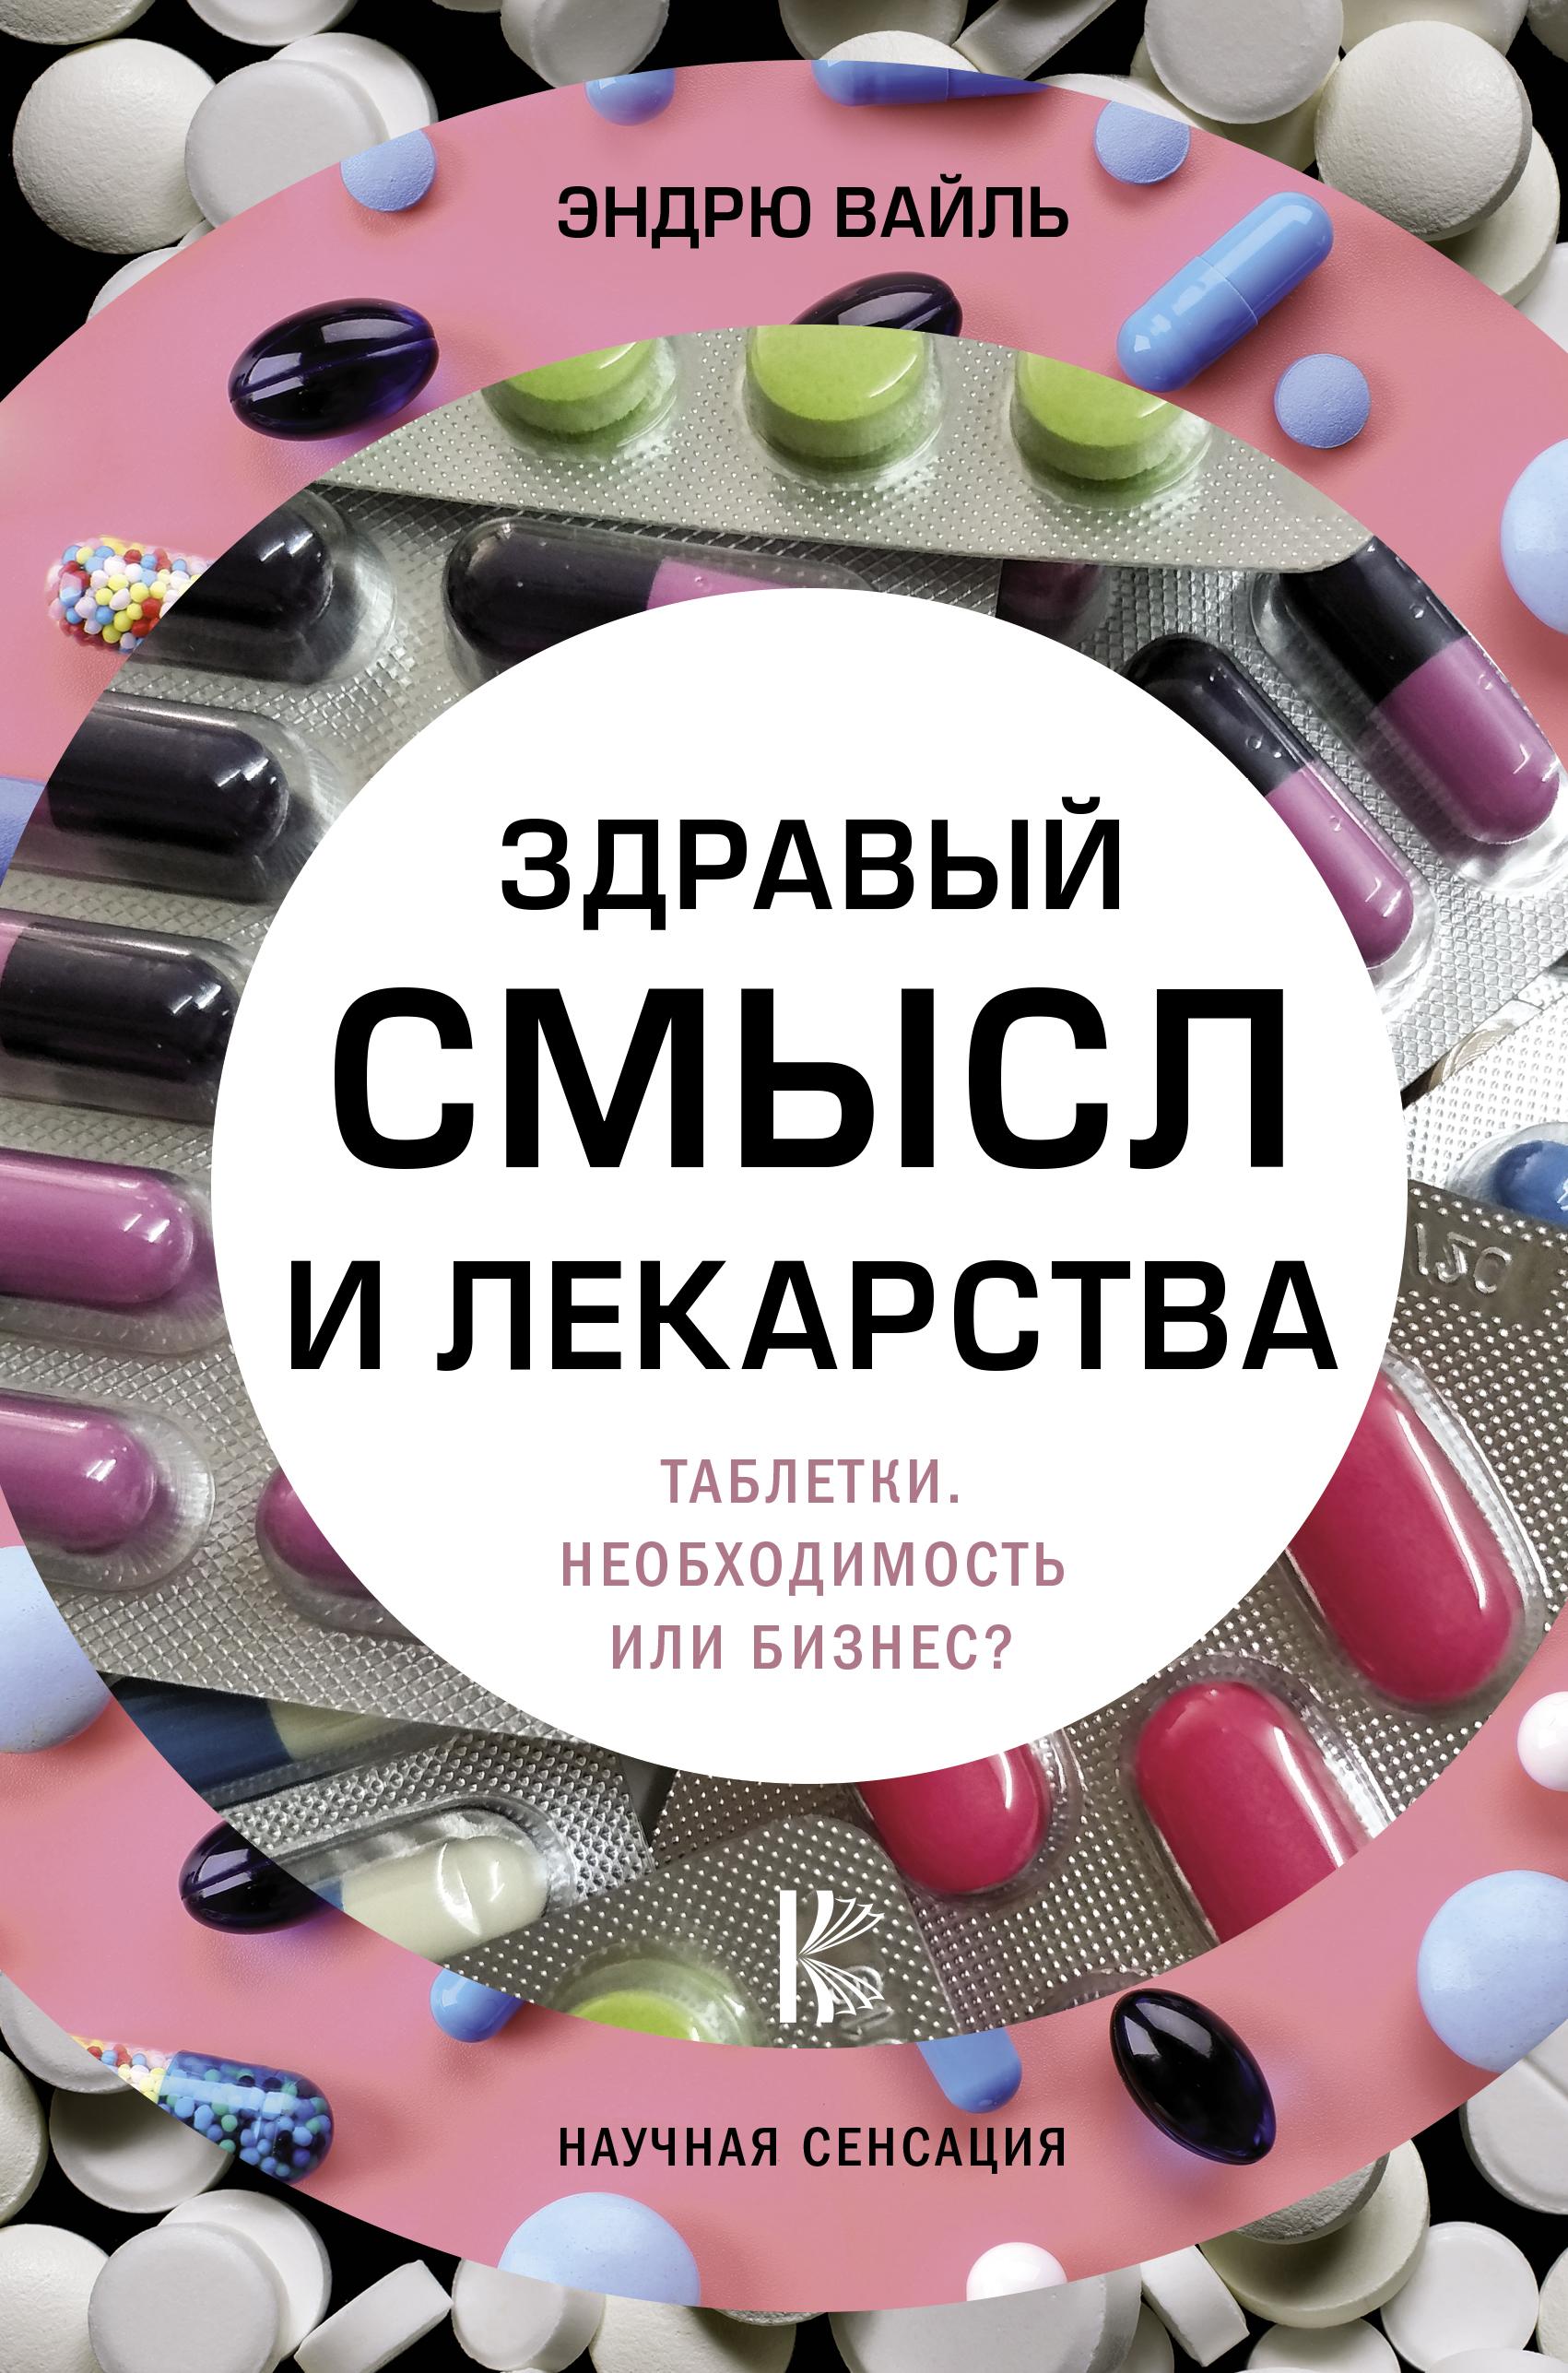 Эндрю Вайль Здравый смысл и лекарства. Таблетки. Необходимость или бизнес?